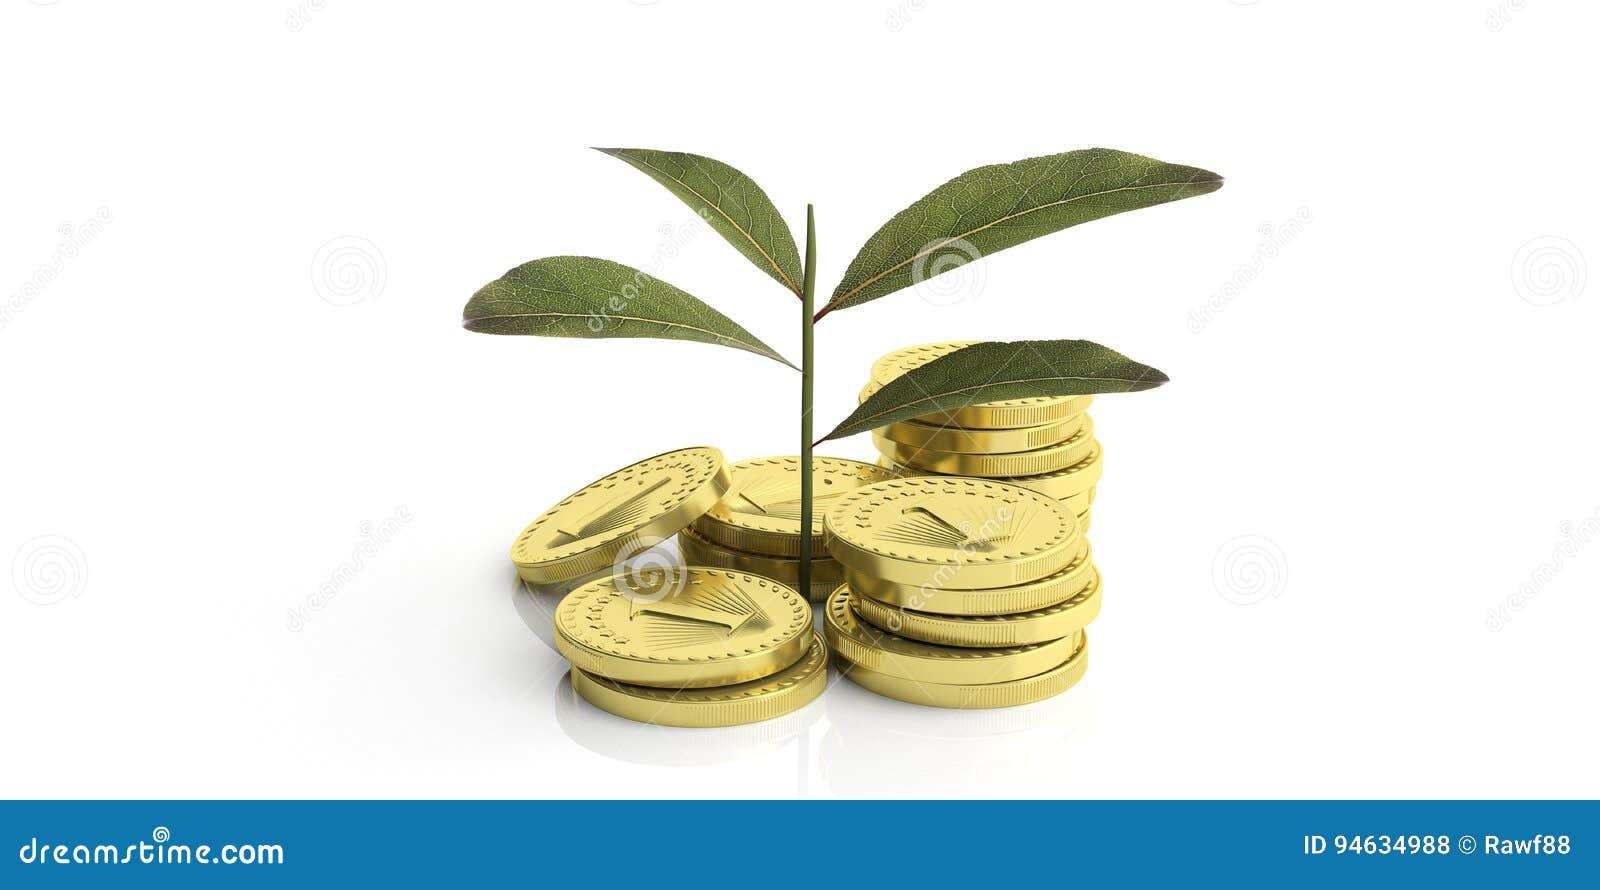 Ανάπτυξη εγκαταστάσεων στα νομίσματα - άσπρο υπόβαθρο τρισδιάστατη απεικόνιση